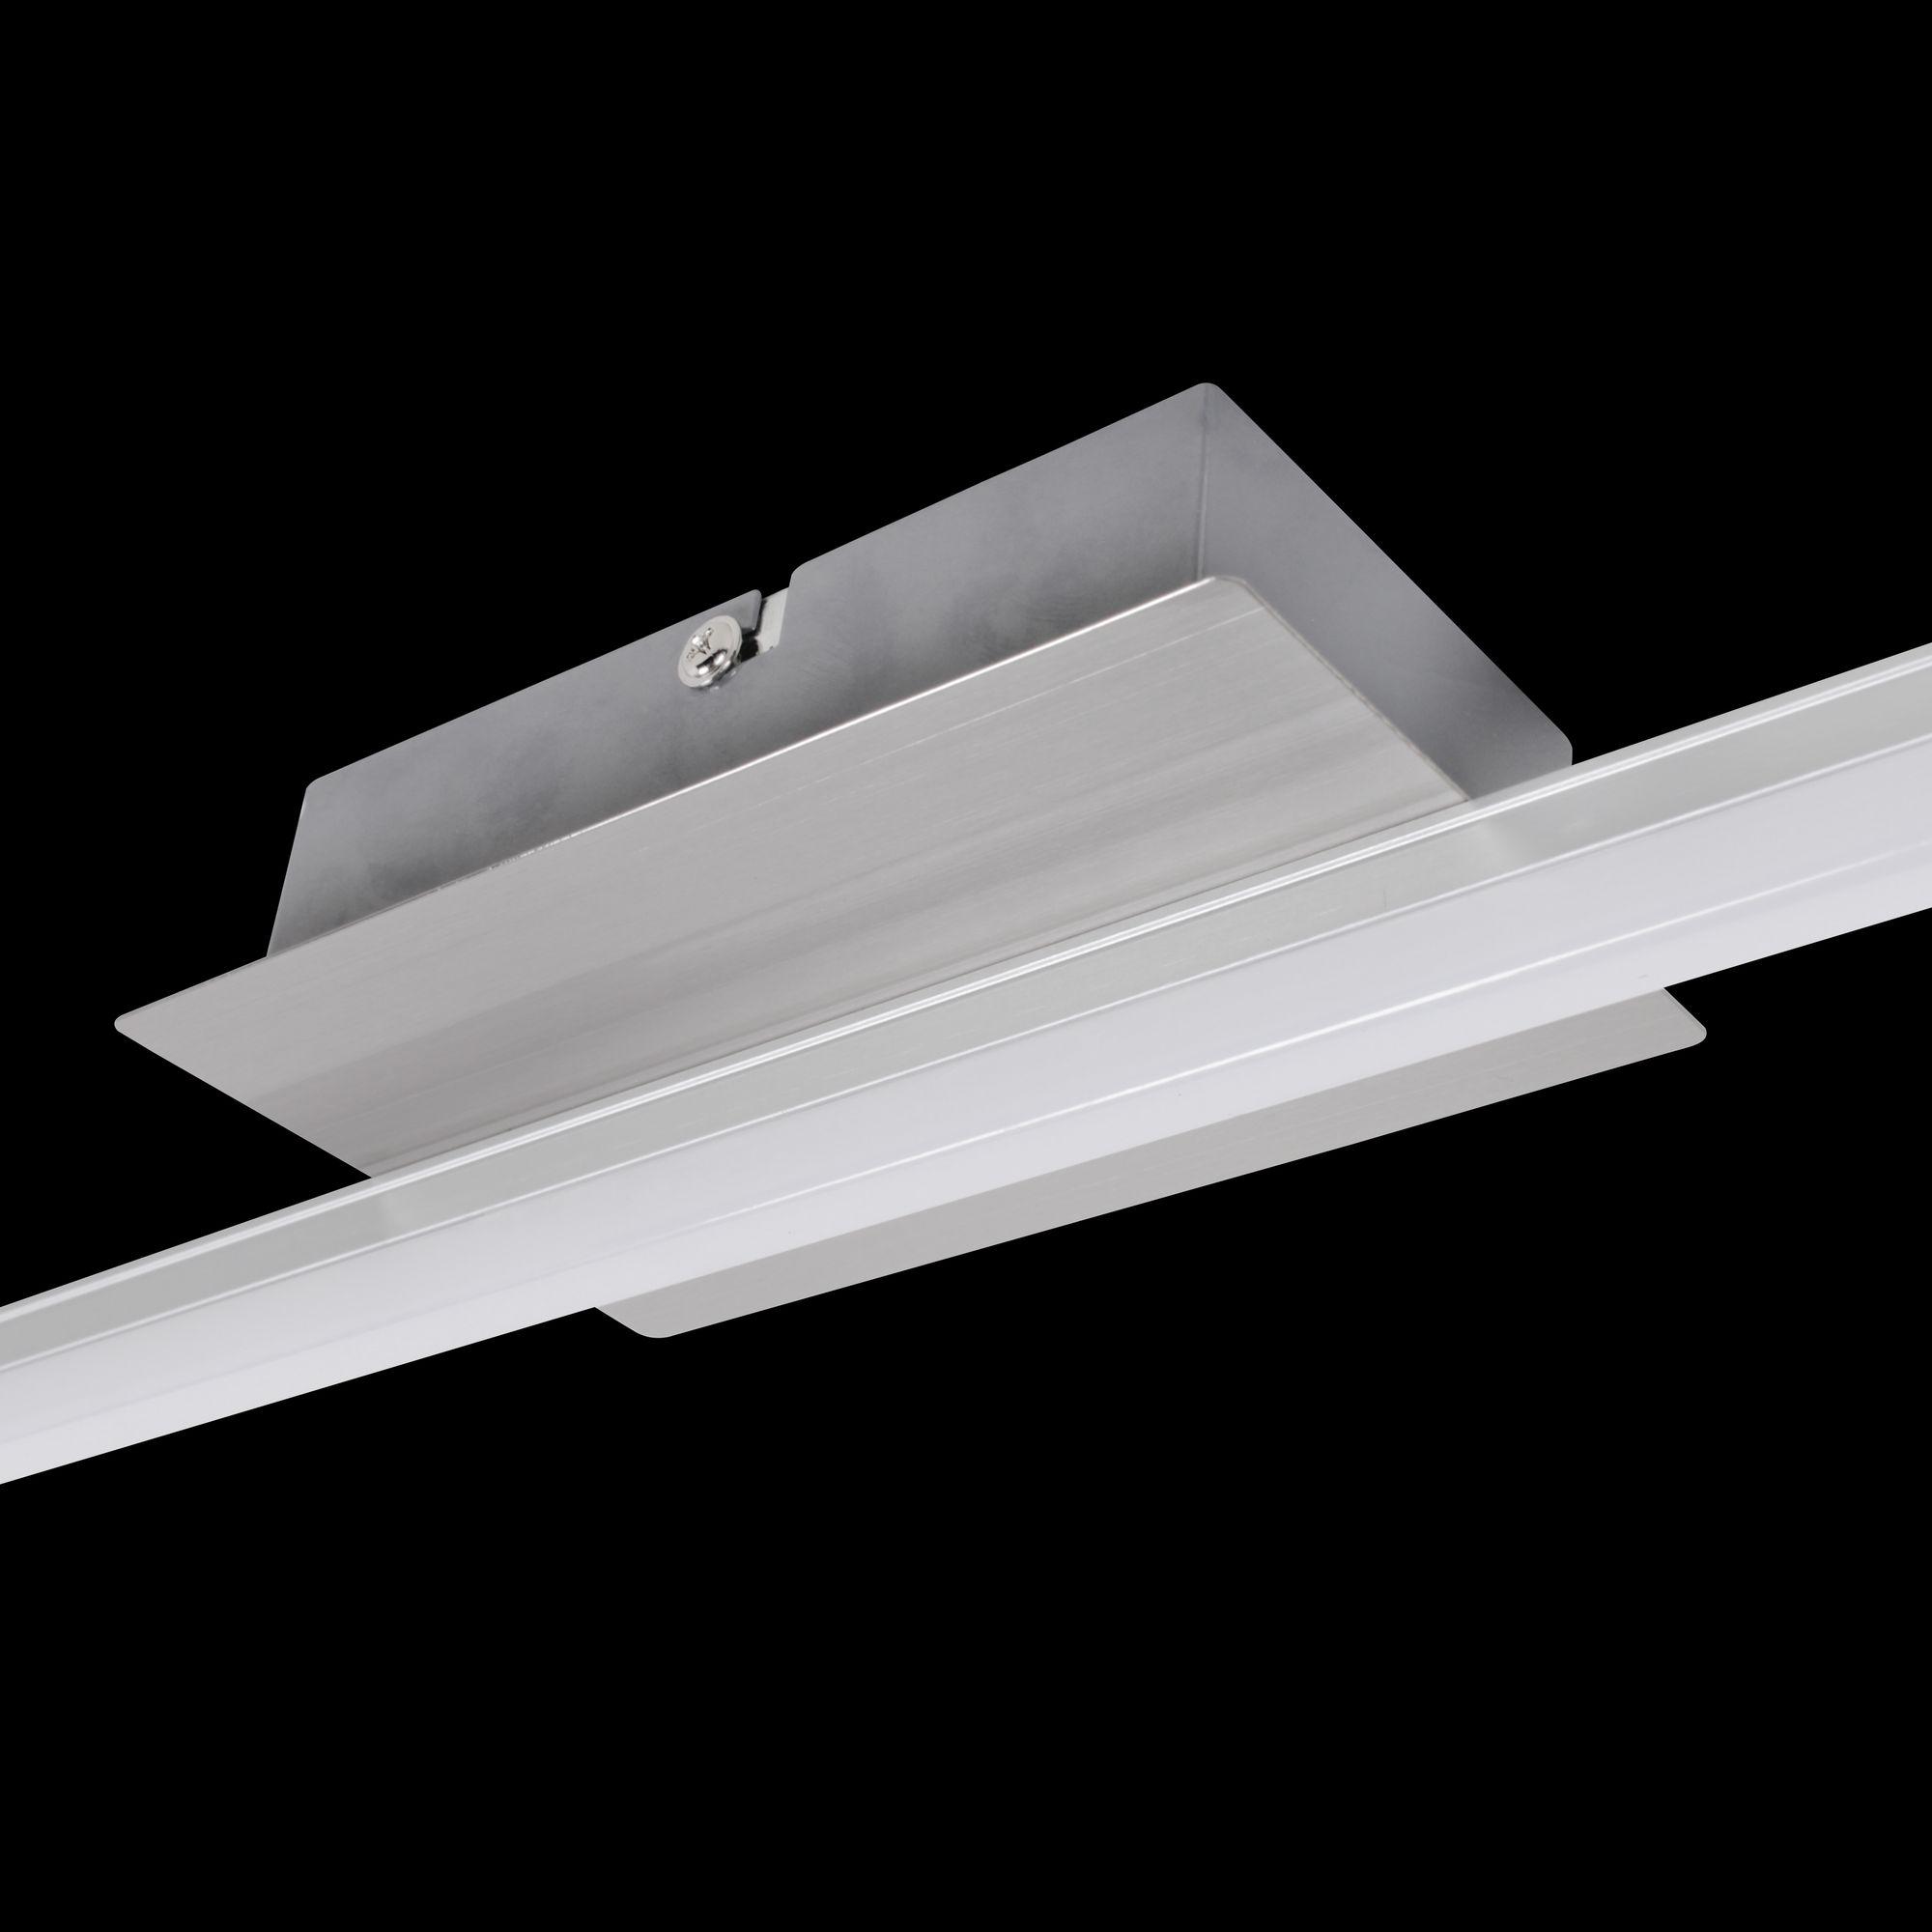 Full Size of Led Lampe Dimmbar Machen Mit Fernbedienung E27 Farbwechsel Moderne Wohnzimmerlampen Deckenleuchte Wohnzimmerlampe Modern Bauhaus Per Schalter Wohnzimmer Lampen Wohnzimmer Led Wohnzimmerlampe